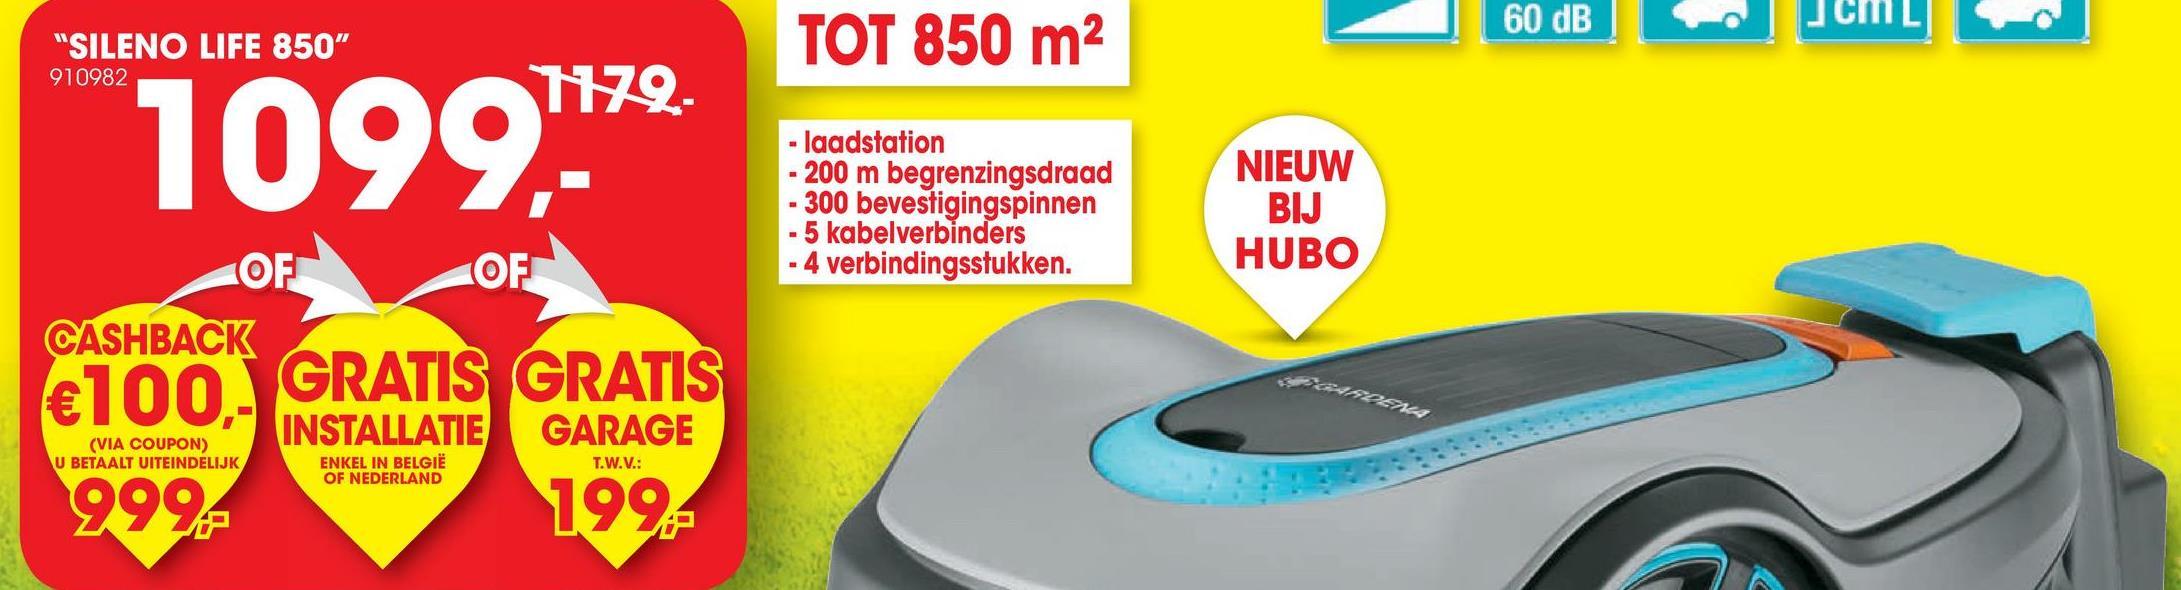 """60 dB JCML """"SILENO LIFE 850"""" TOT 850 m2 910982 179 1099 55 - laadstation - 200 m begrenzingsdraad - 300 bevestigingspinnen -5 kabelverbinders - 4 verbindingsstukken. NIEUW BIJ HUBO OF OF CASHBACK €100. GRATIS GRATIS INSTALLATIE GARAGE 9992 (VIA COUPON) U BETAALT UITEINDELIJK ENKEL IN BELGIË OF NEDERLAND T.W.V.: 1994"""